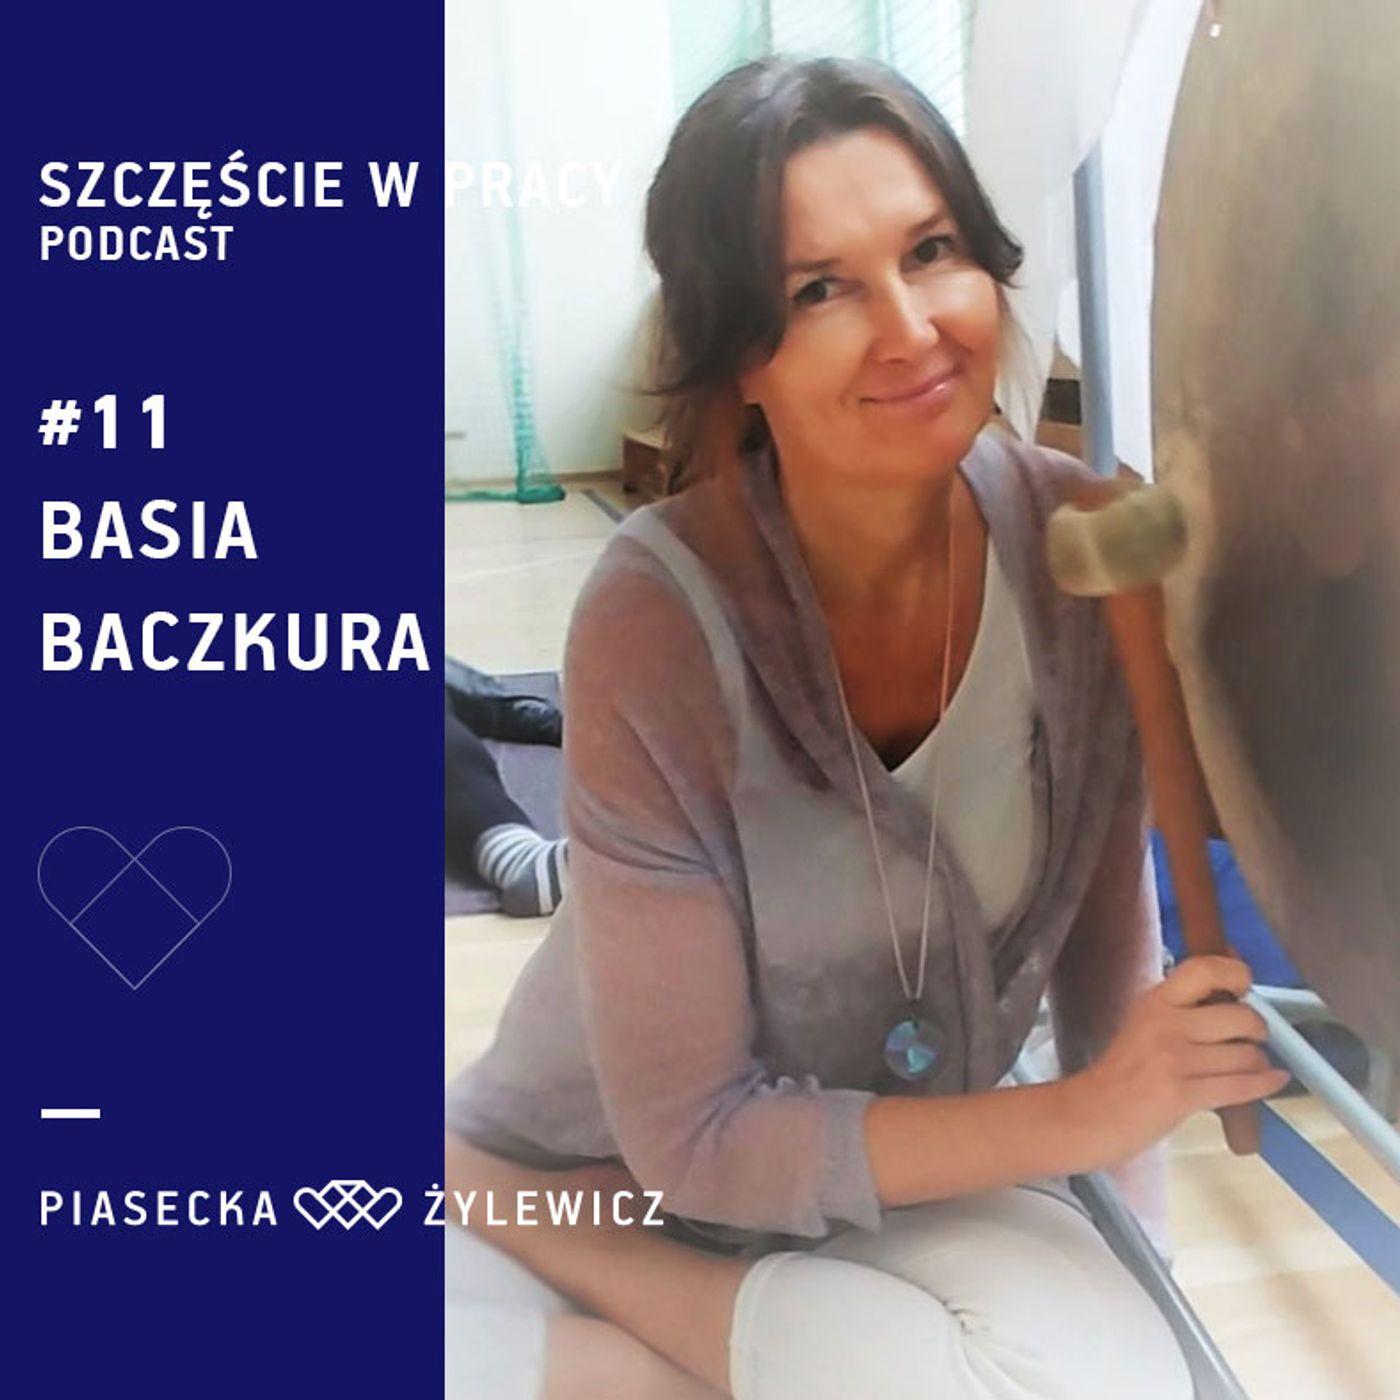 #11 Basia Baczkura